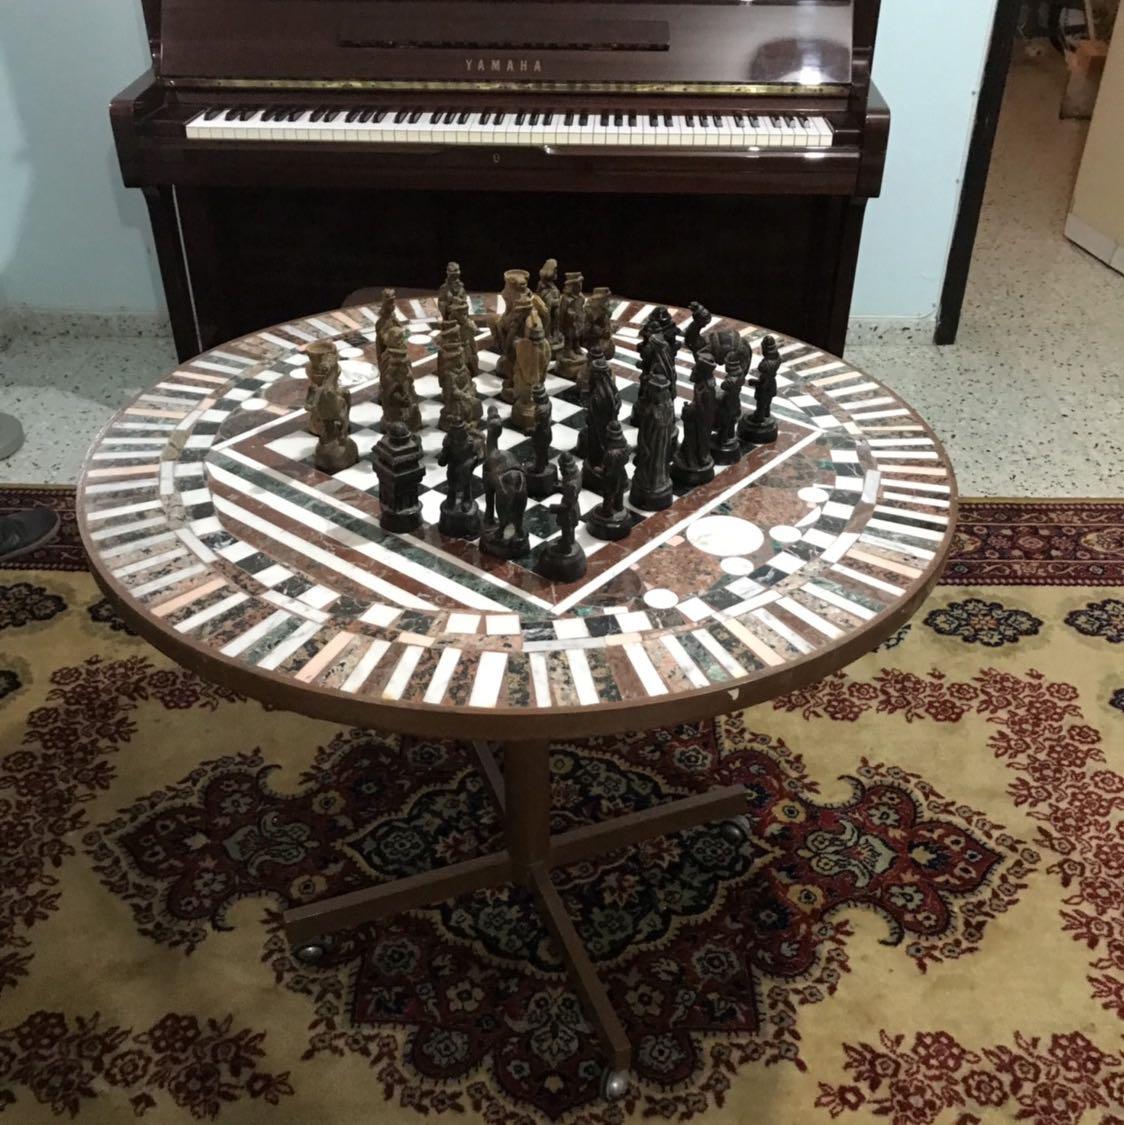 שולחן-שחמט-משיש-משגע-עם-חיילים-מעץ-גדולים - יד 2